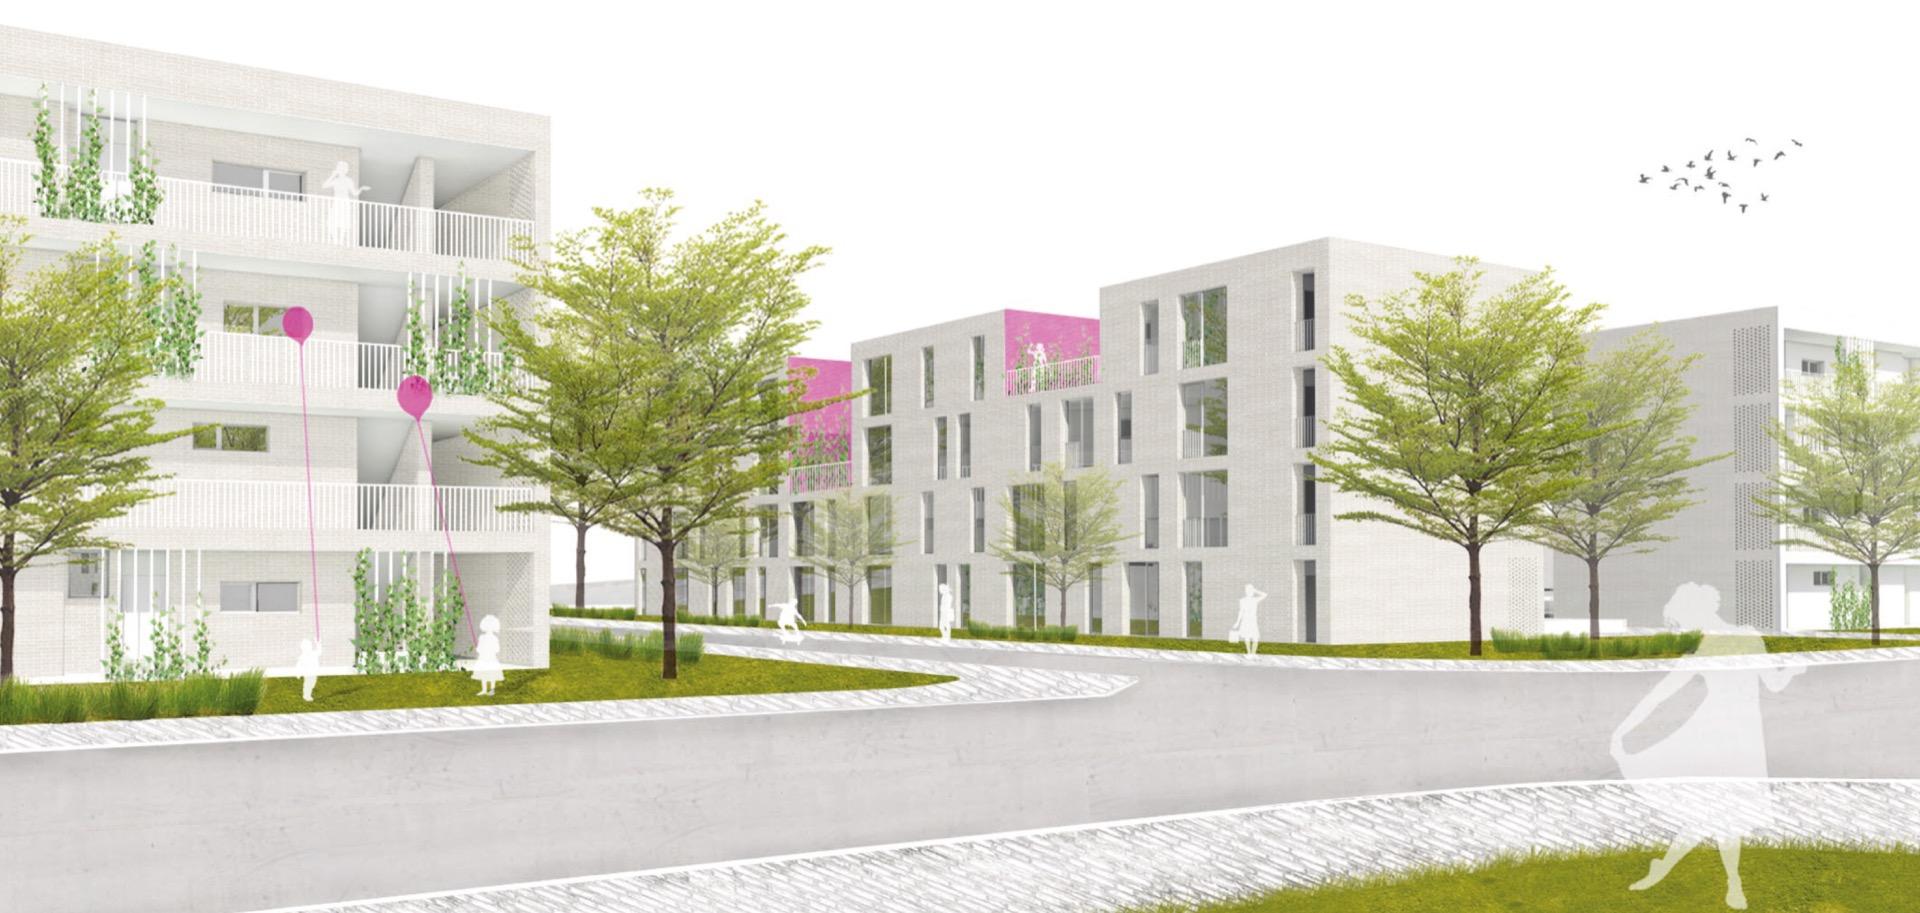 Visualisierung © Hartmann Eberlei Architekten